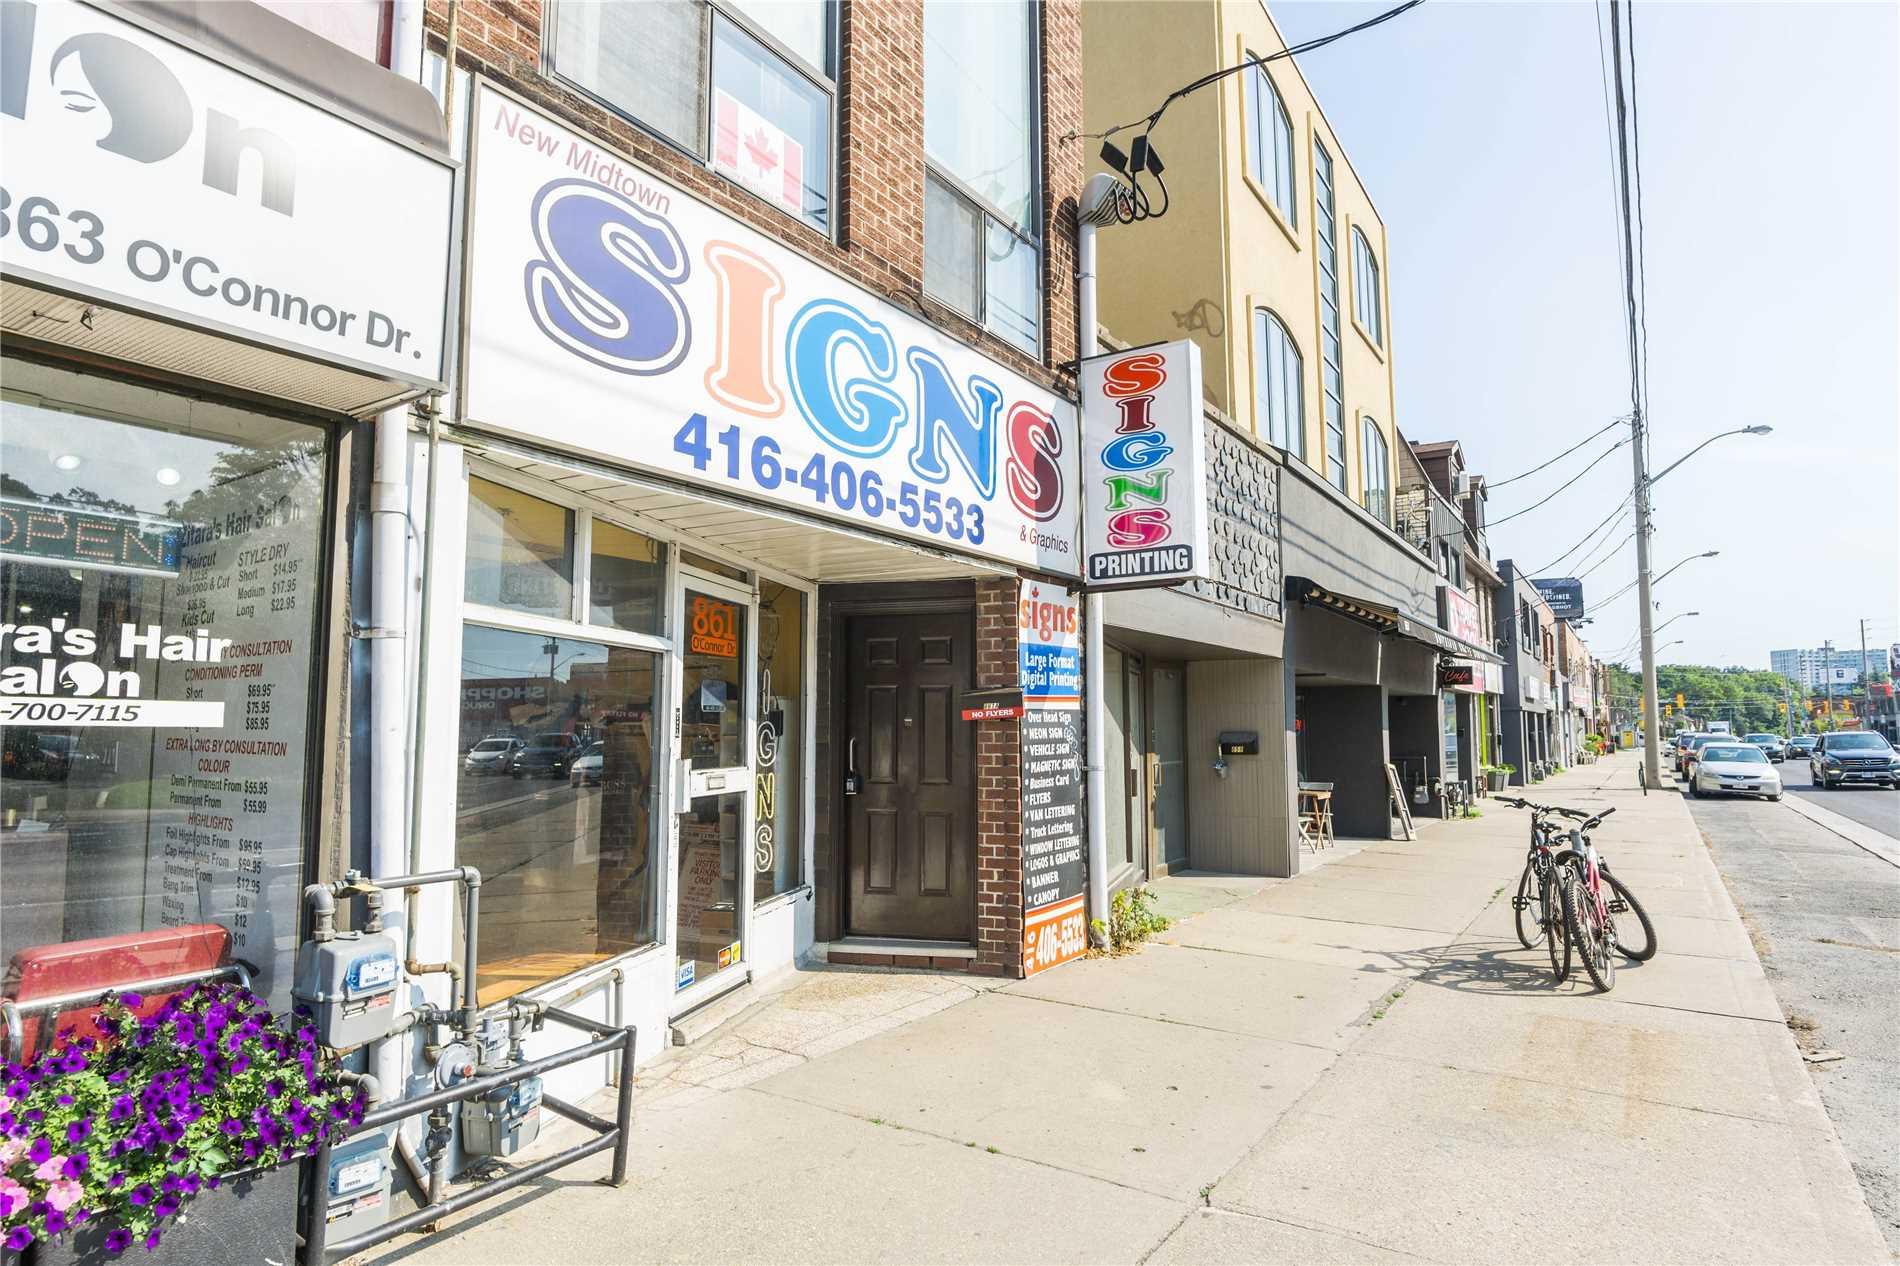 861 O'connor Dr, Toronto